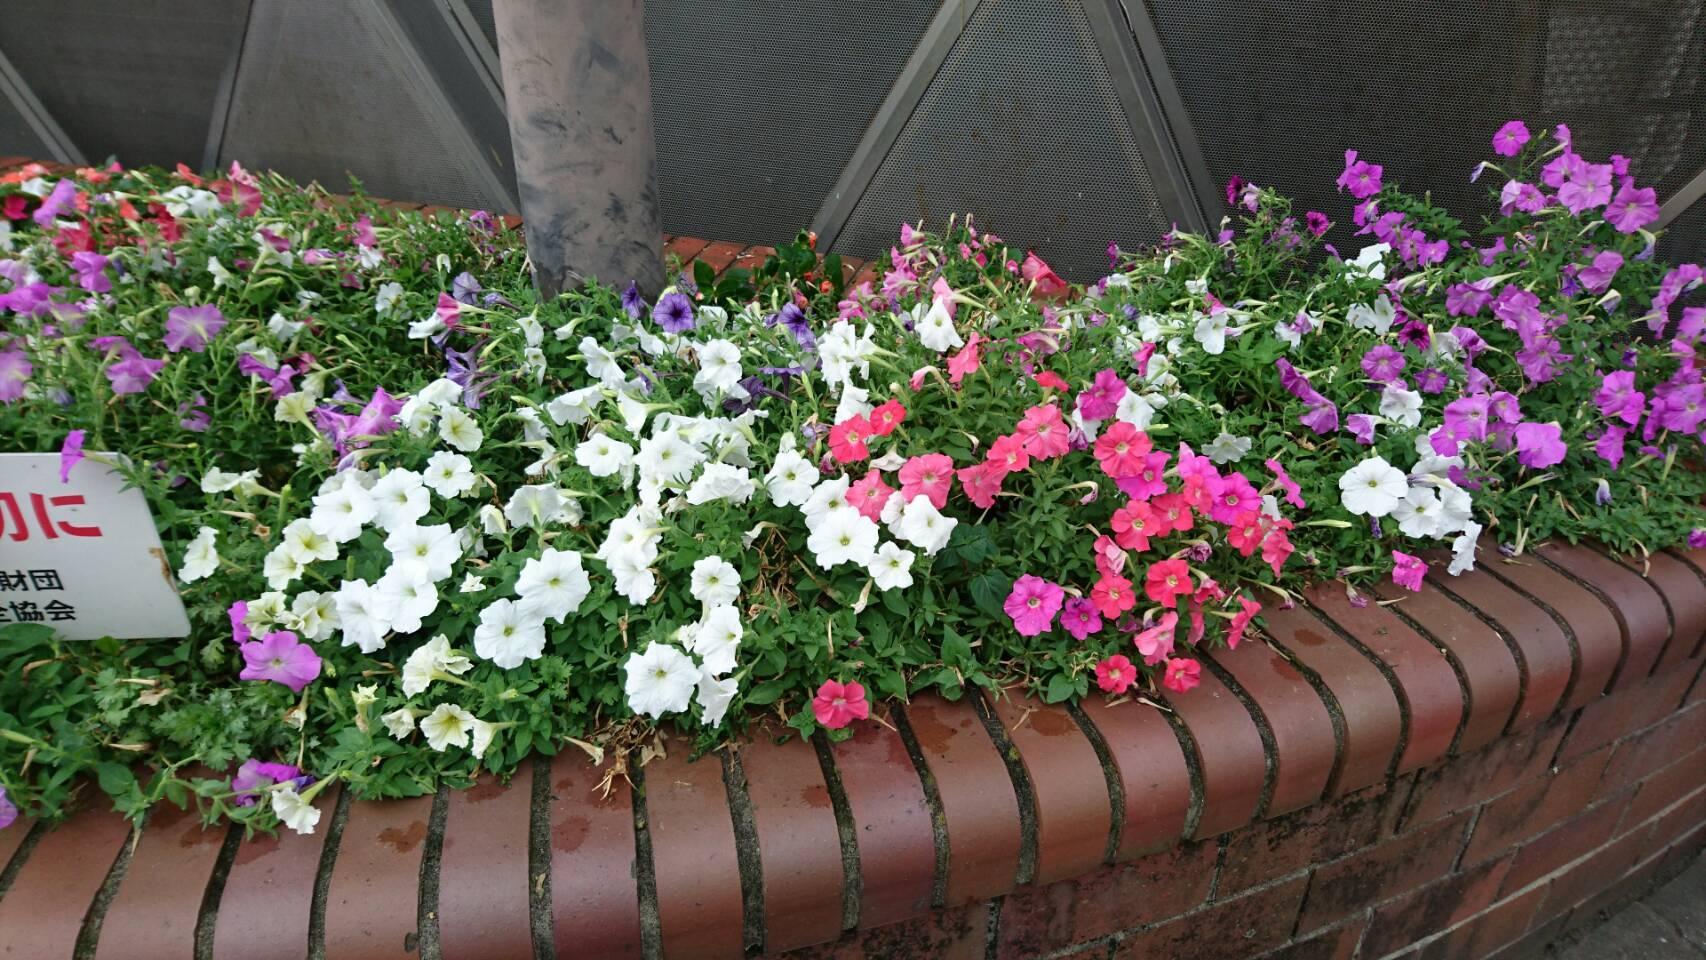 ガーデンふ頭総合案内所前花壇の植替えH29.7.24_d0338682_09141087.jpg